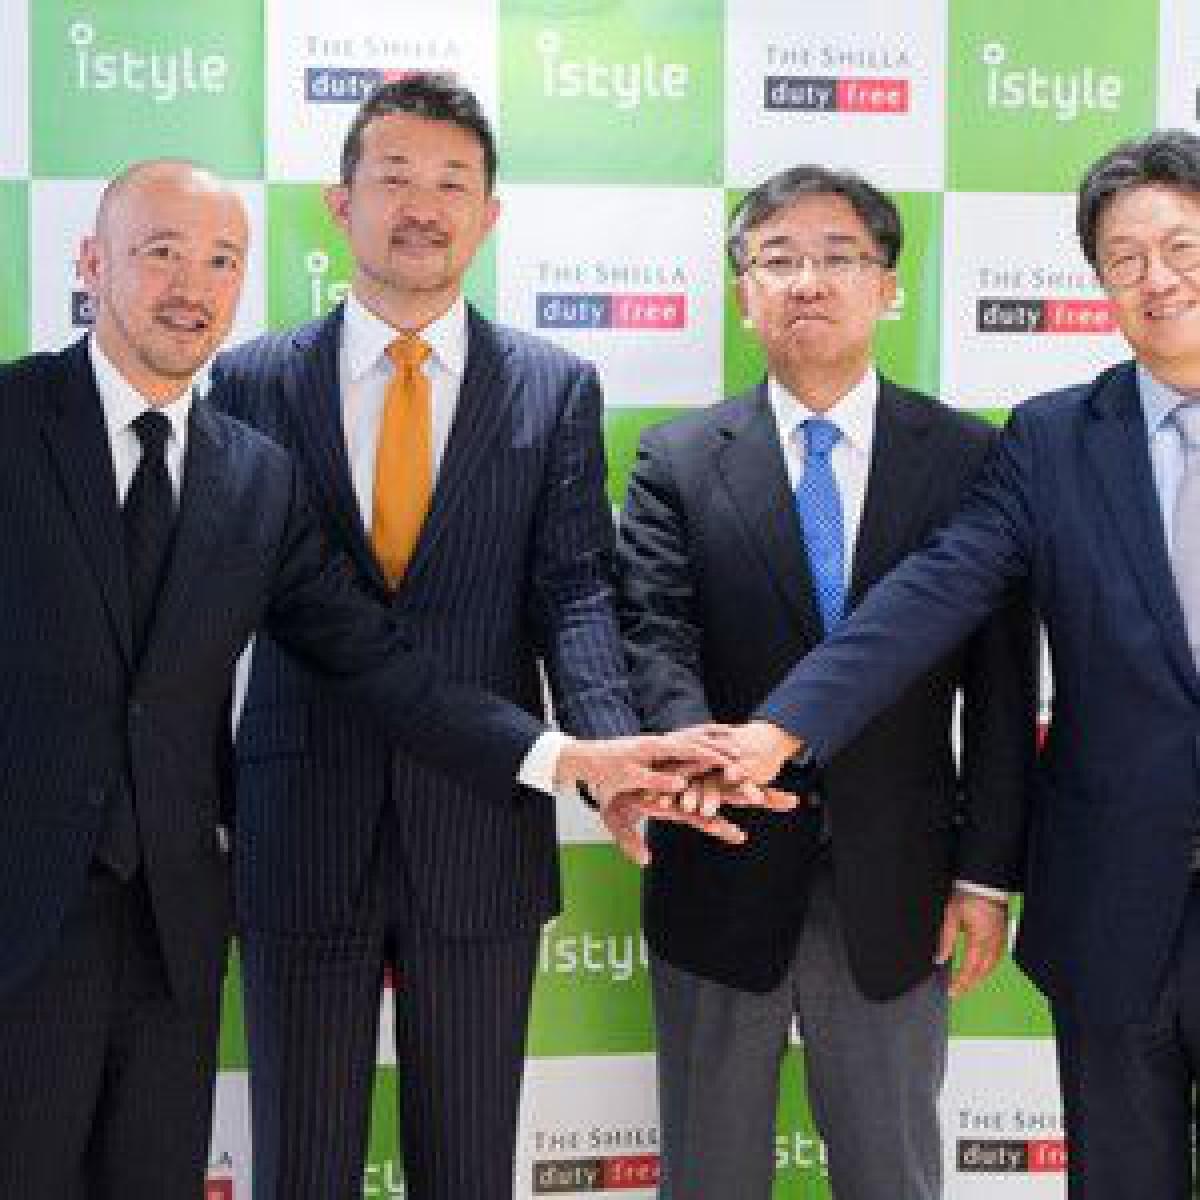 アットコスメ運営アイスタイルグループが韓国初進出、サムスン傘下の新羅免税店と提携